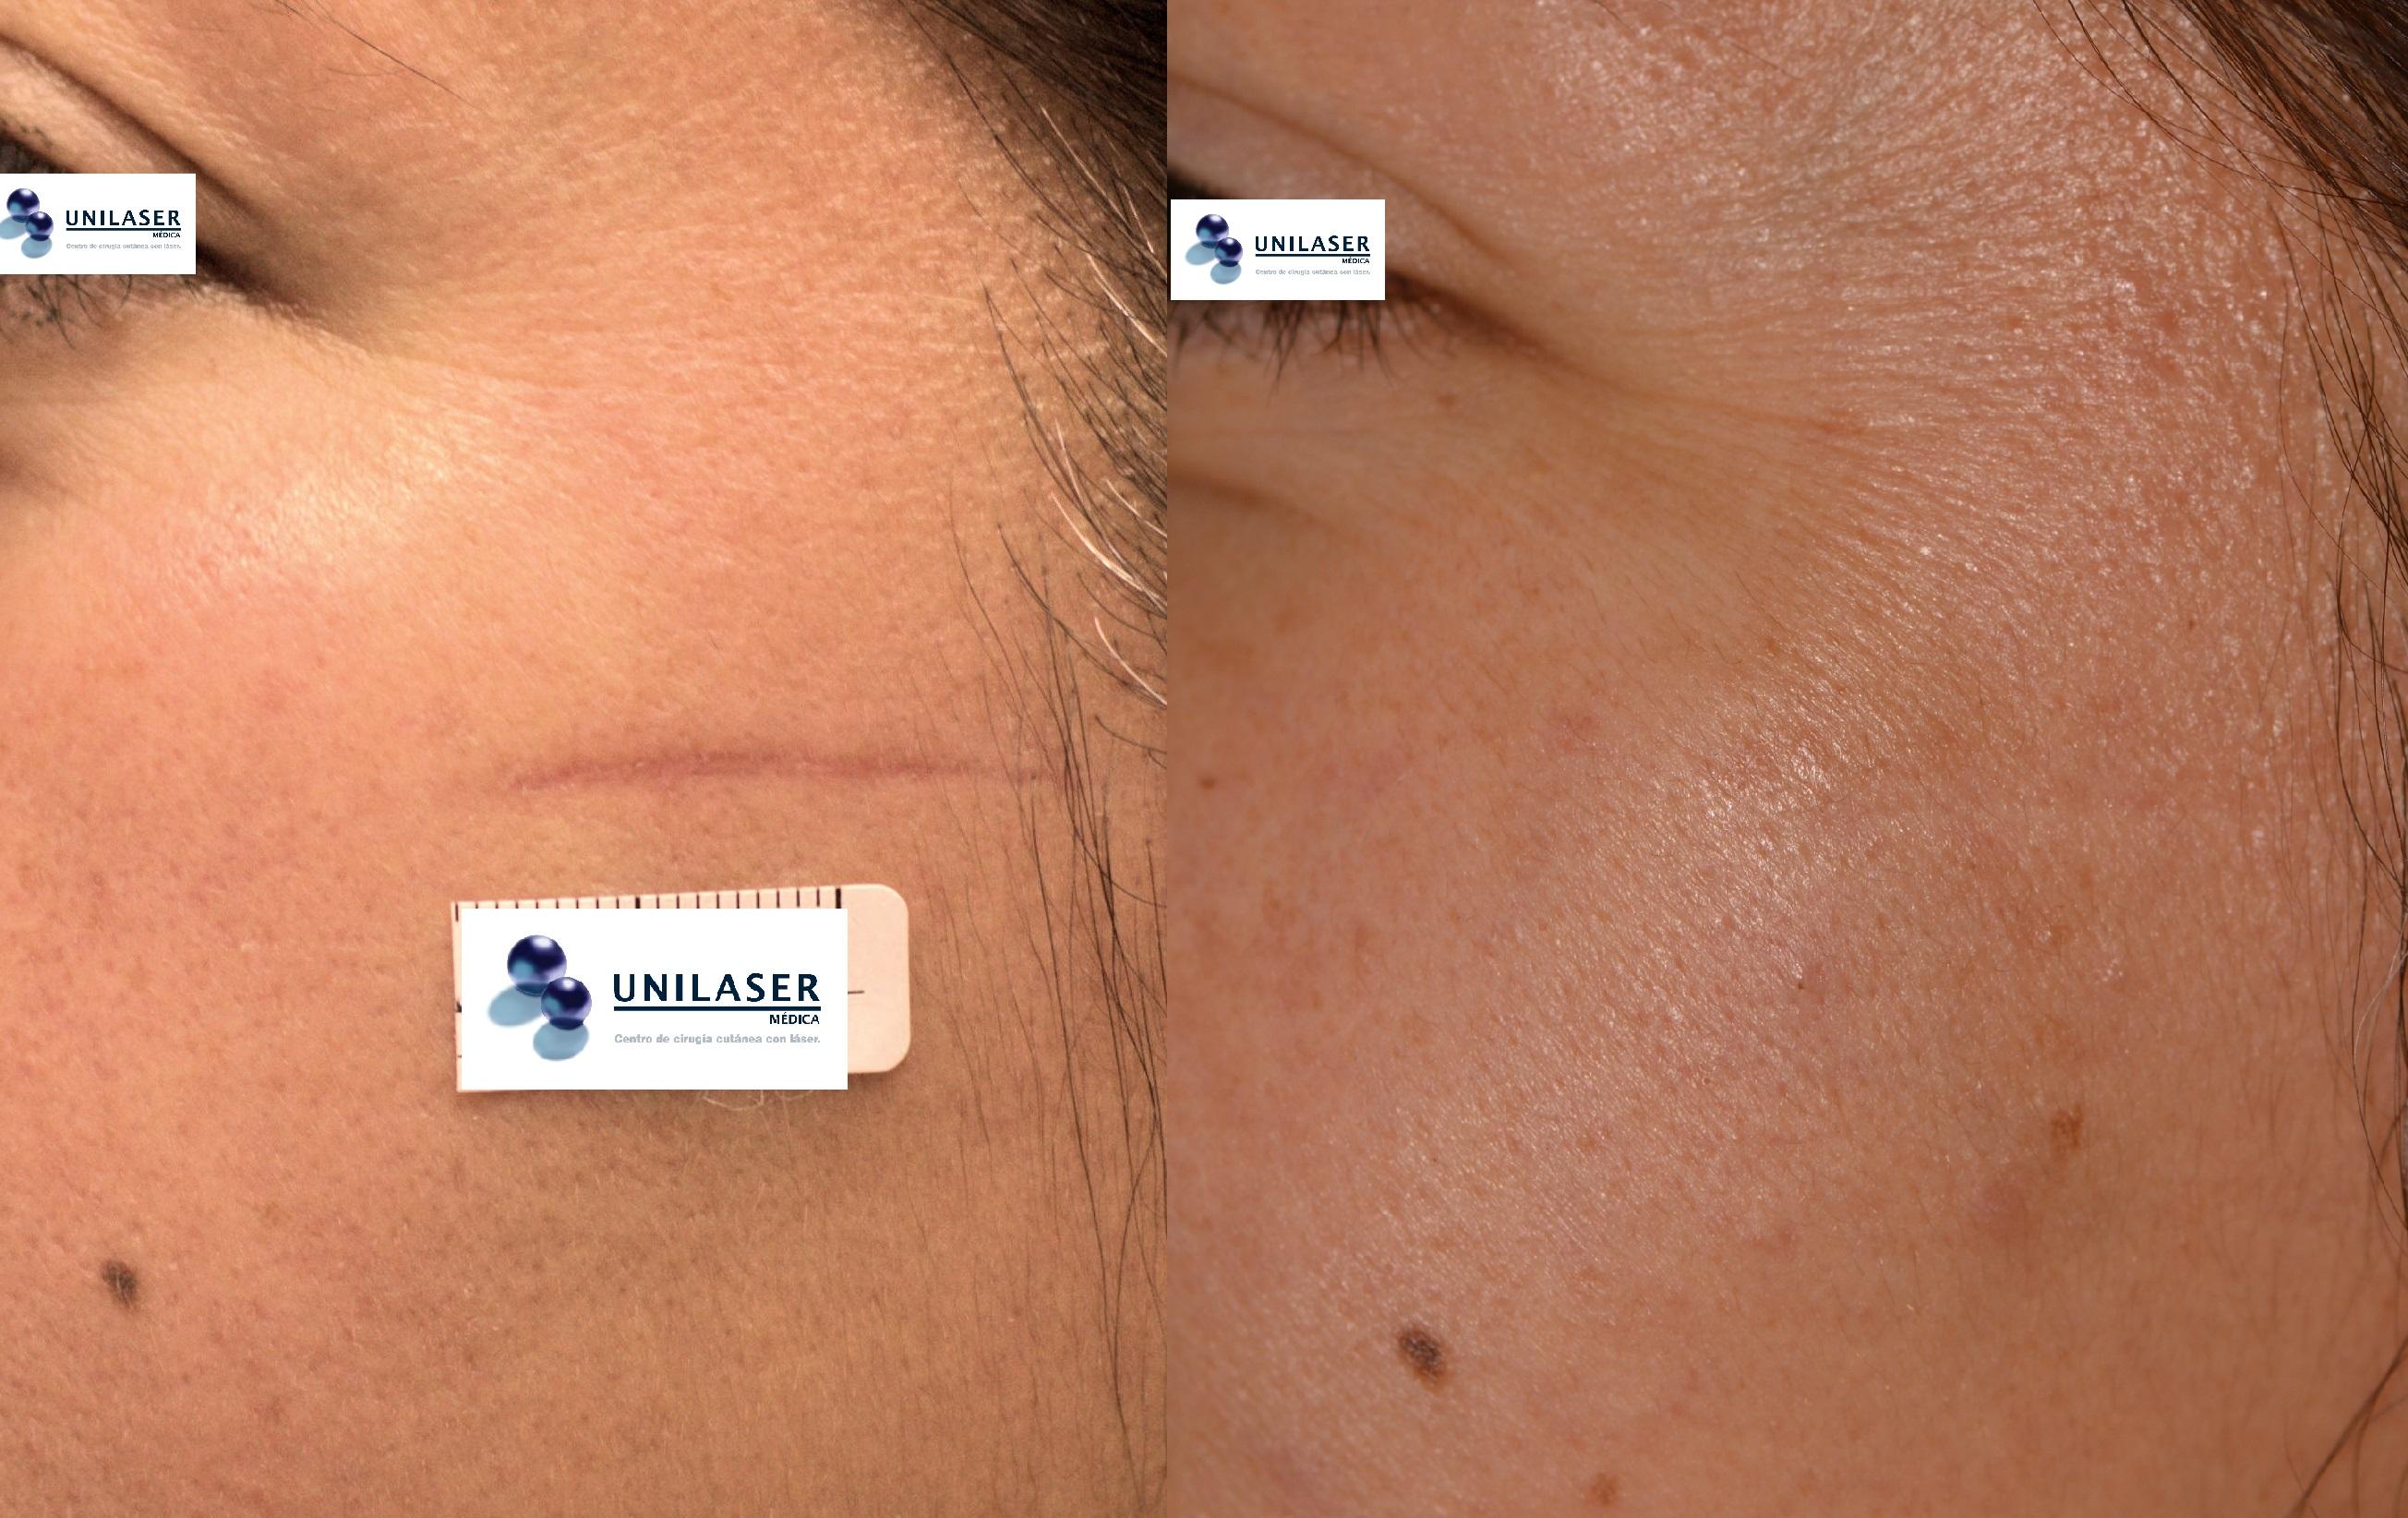 Nivelación de cicatriz inmadura con Fraxel